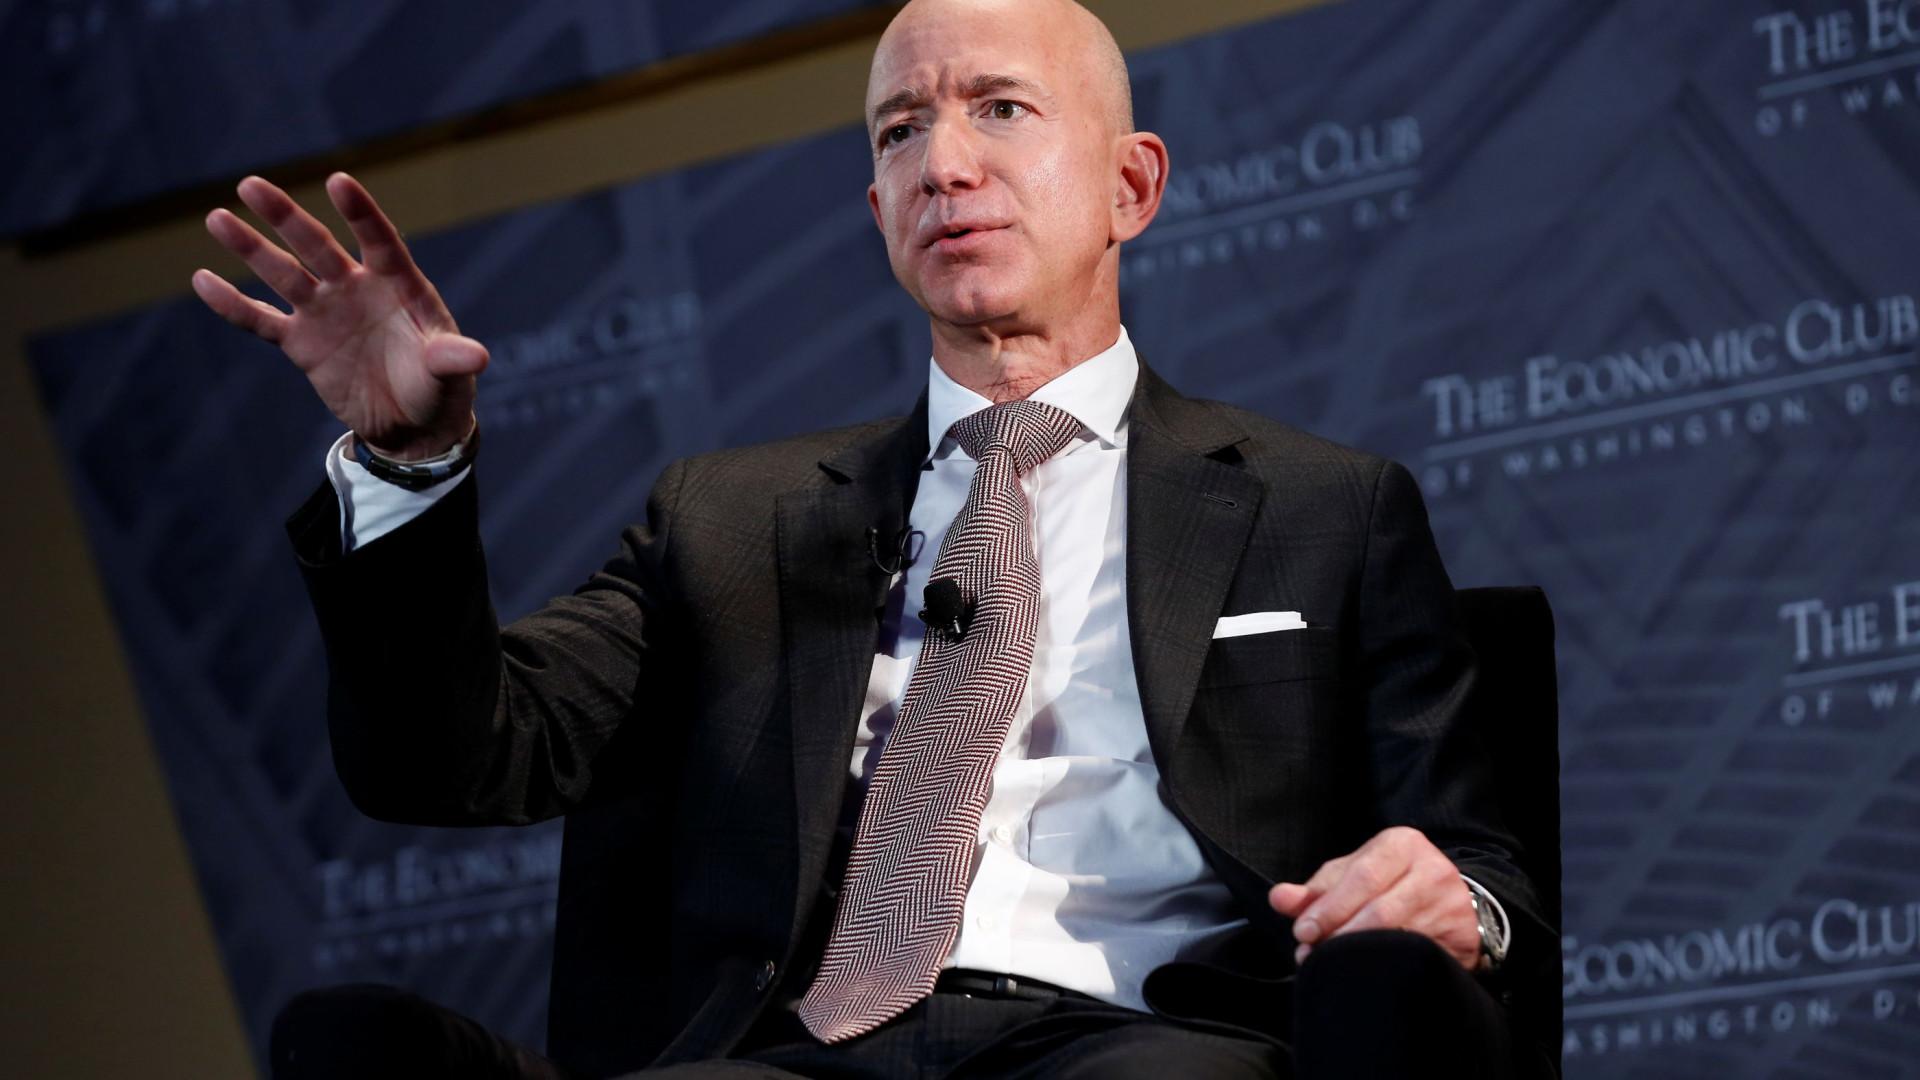 Passeio no Espaço com Jeff Bezos leiloado por 28 milhões de dólares